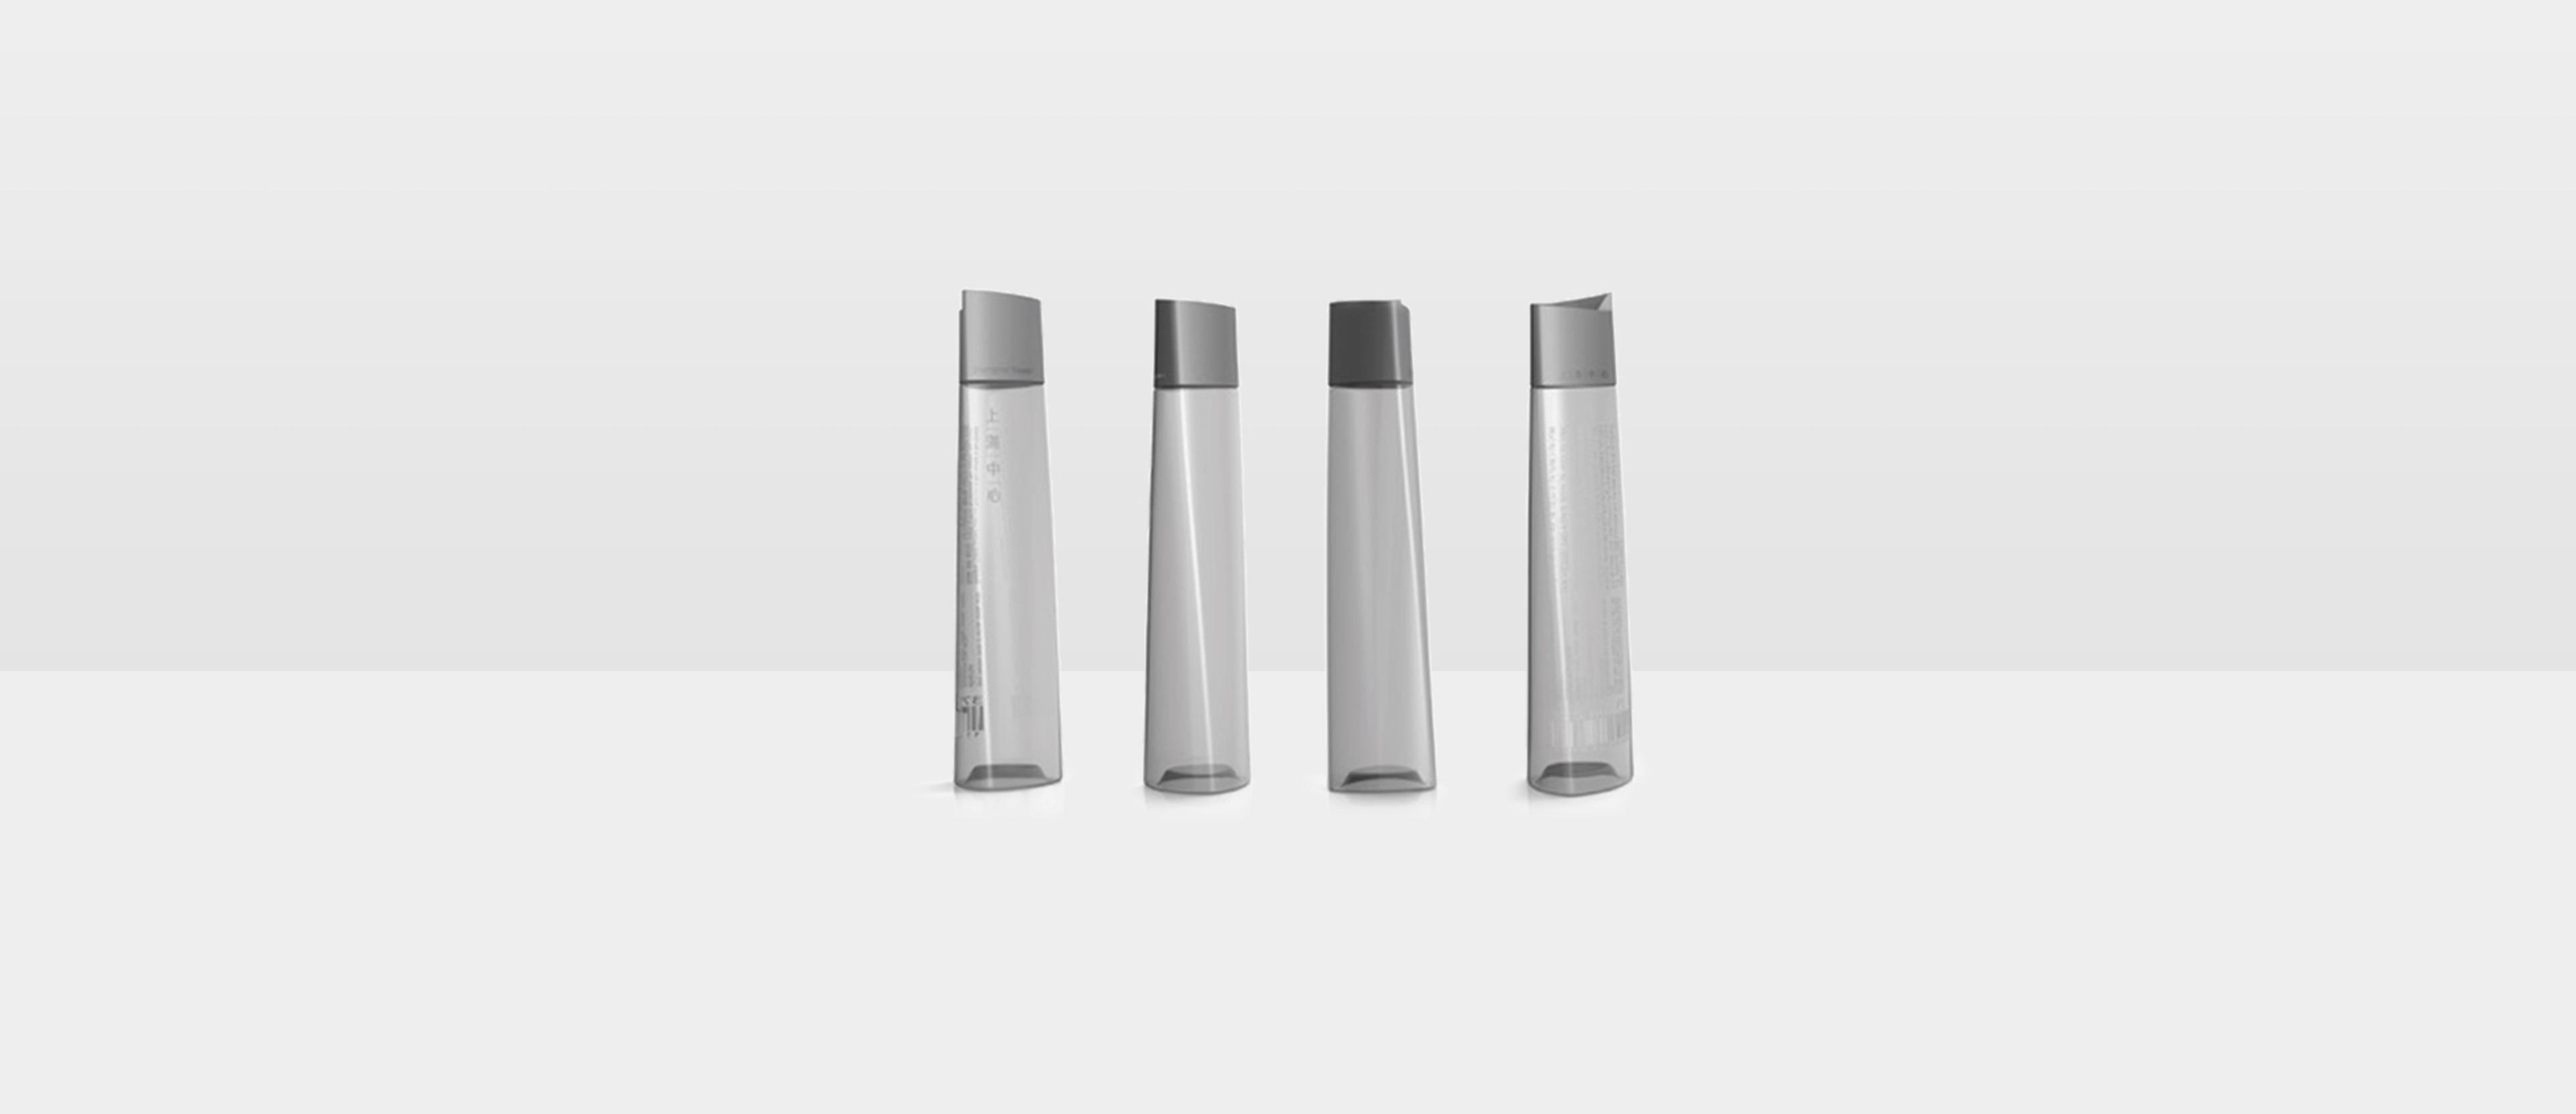 创造建筑品牌新高度-北京品物堂产品设计有限公司